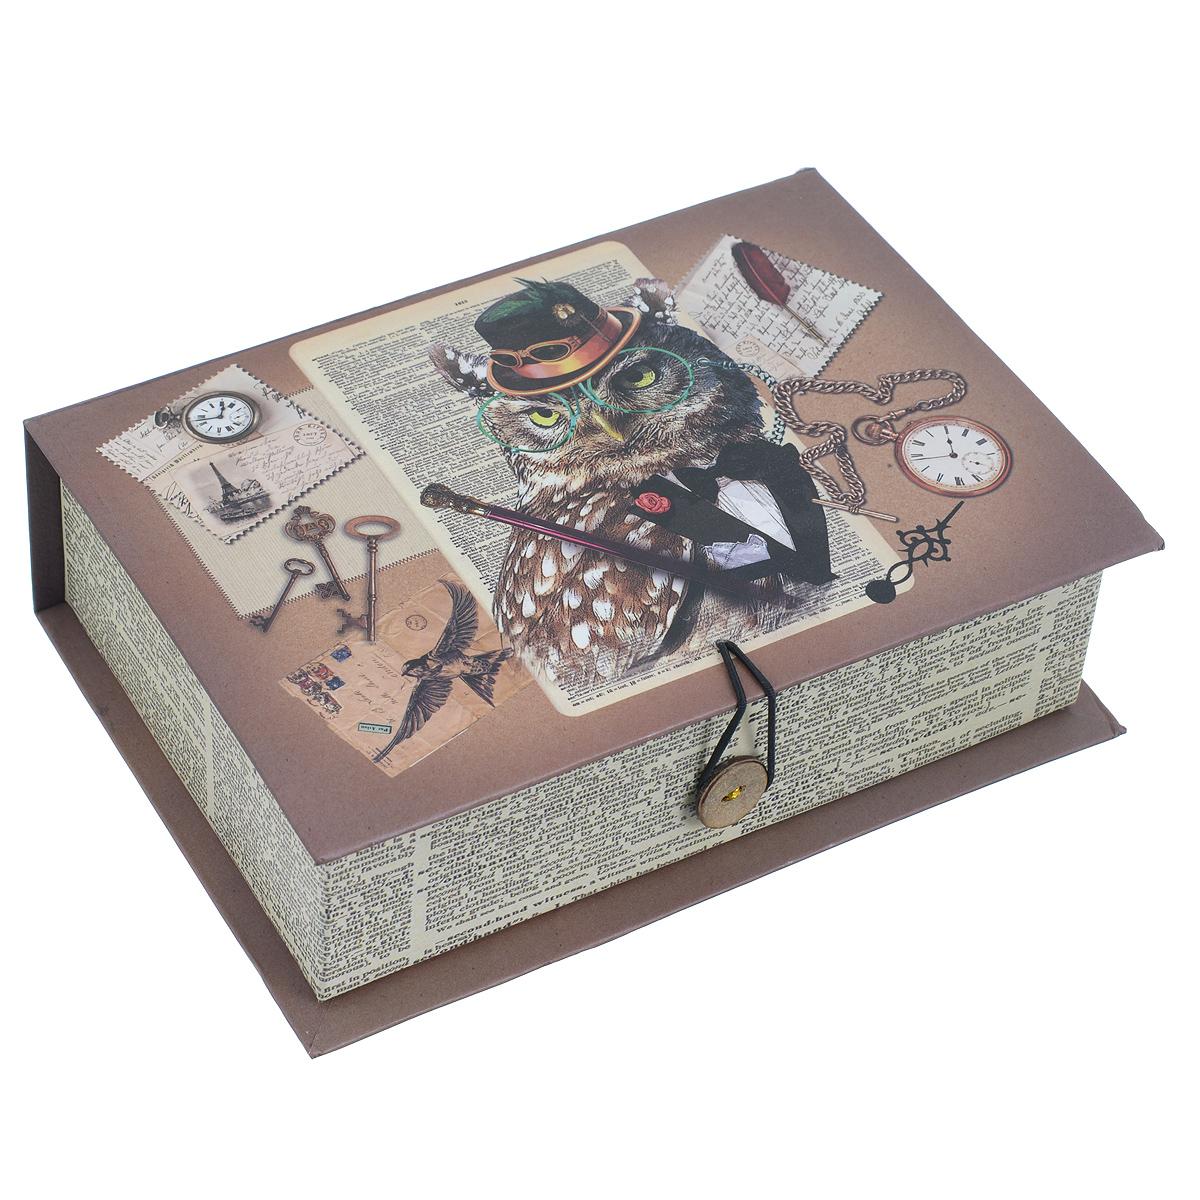 Подарочная коробка Гэтсби, 18 см х 12 см х 5 см39470Подарочная коробка Гэтсби выполнена из плотного картона. Изделие оформлено изображением гламурной совы, часов, ключей. Коробка закрывается на пуговицу.Подарочная коробка - это наилучшее решение, если вы хотите порадовать ваших близких и создать праздничное настроение, ведь подарок, преподнесенный в оригинальной упаковке, всегда будет самым эффектным и запоминающимся. Окружите близких людей вниманием и заботой, вручив презент в нарядном, праздничном оформлении.Плотность картона: 1100 г/м2.